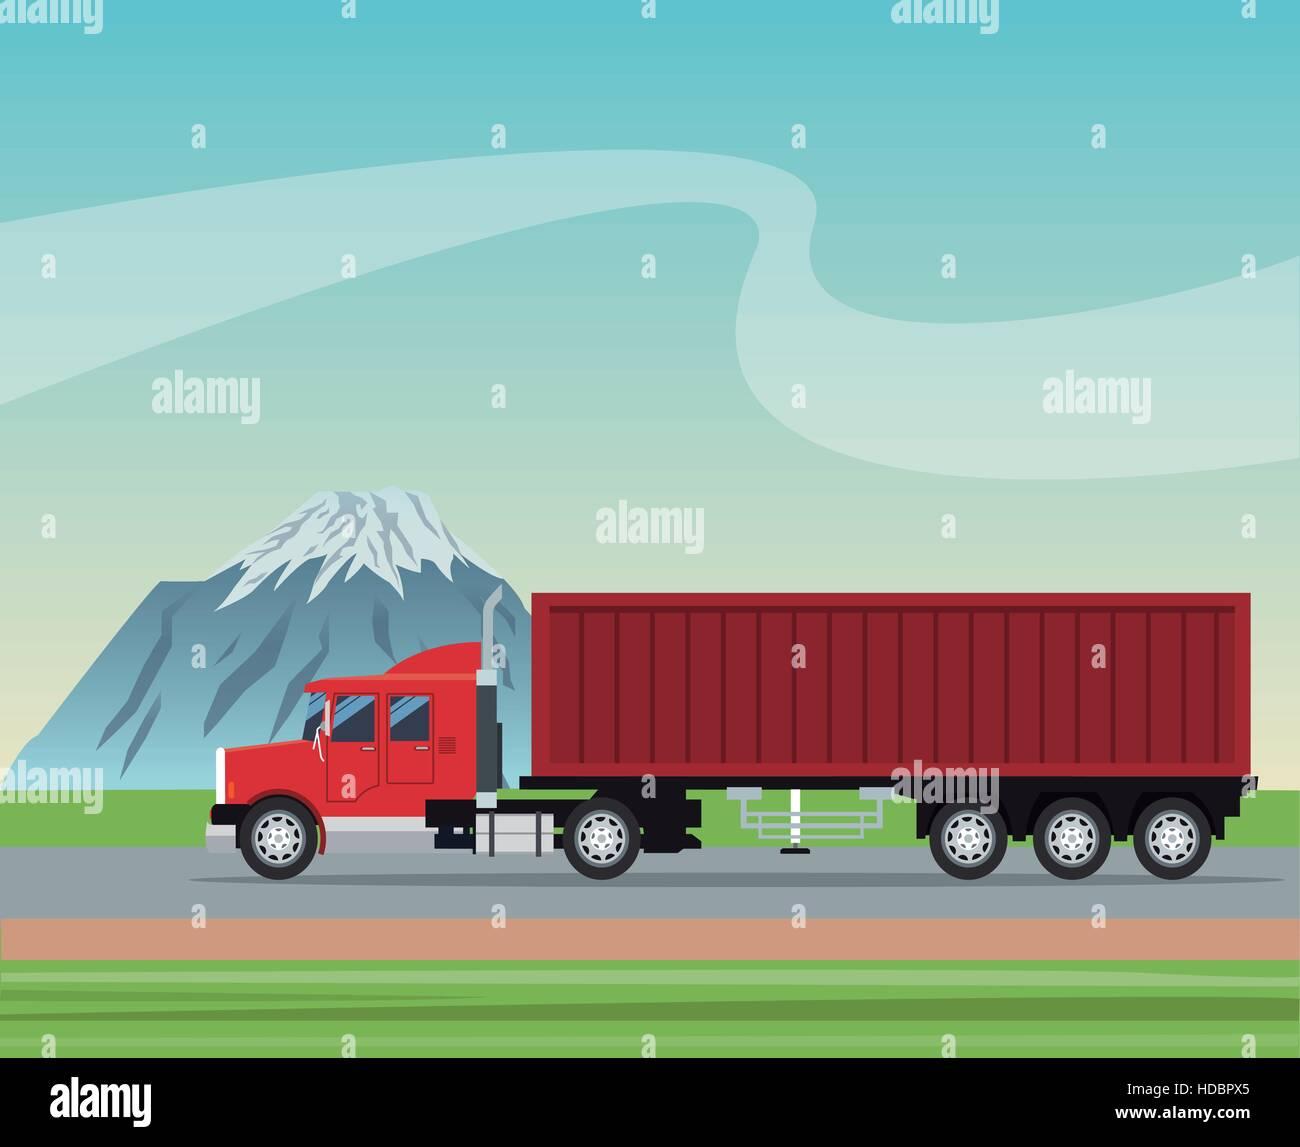 remorque de camion de livraison de conteneurs transports transport routier fond de montagne